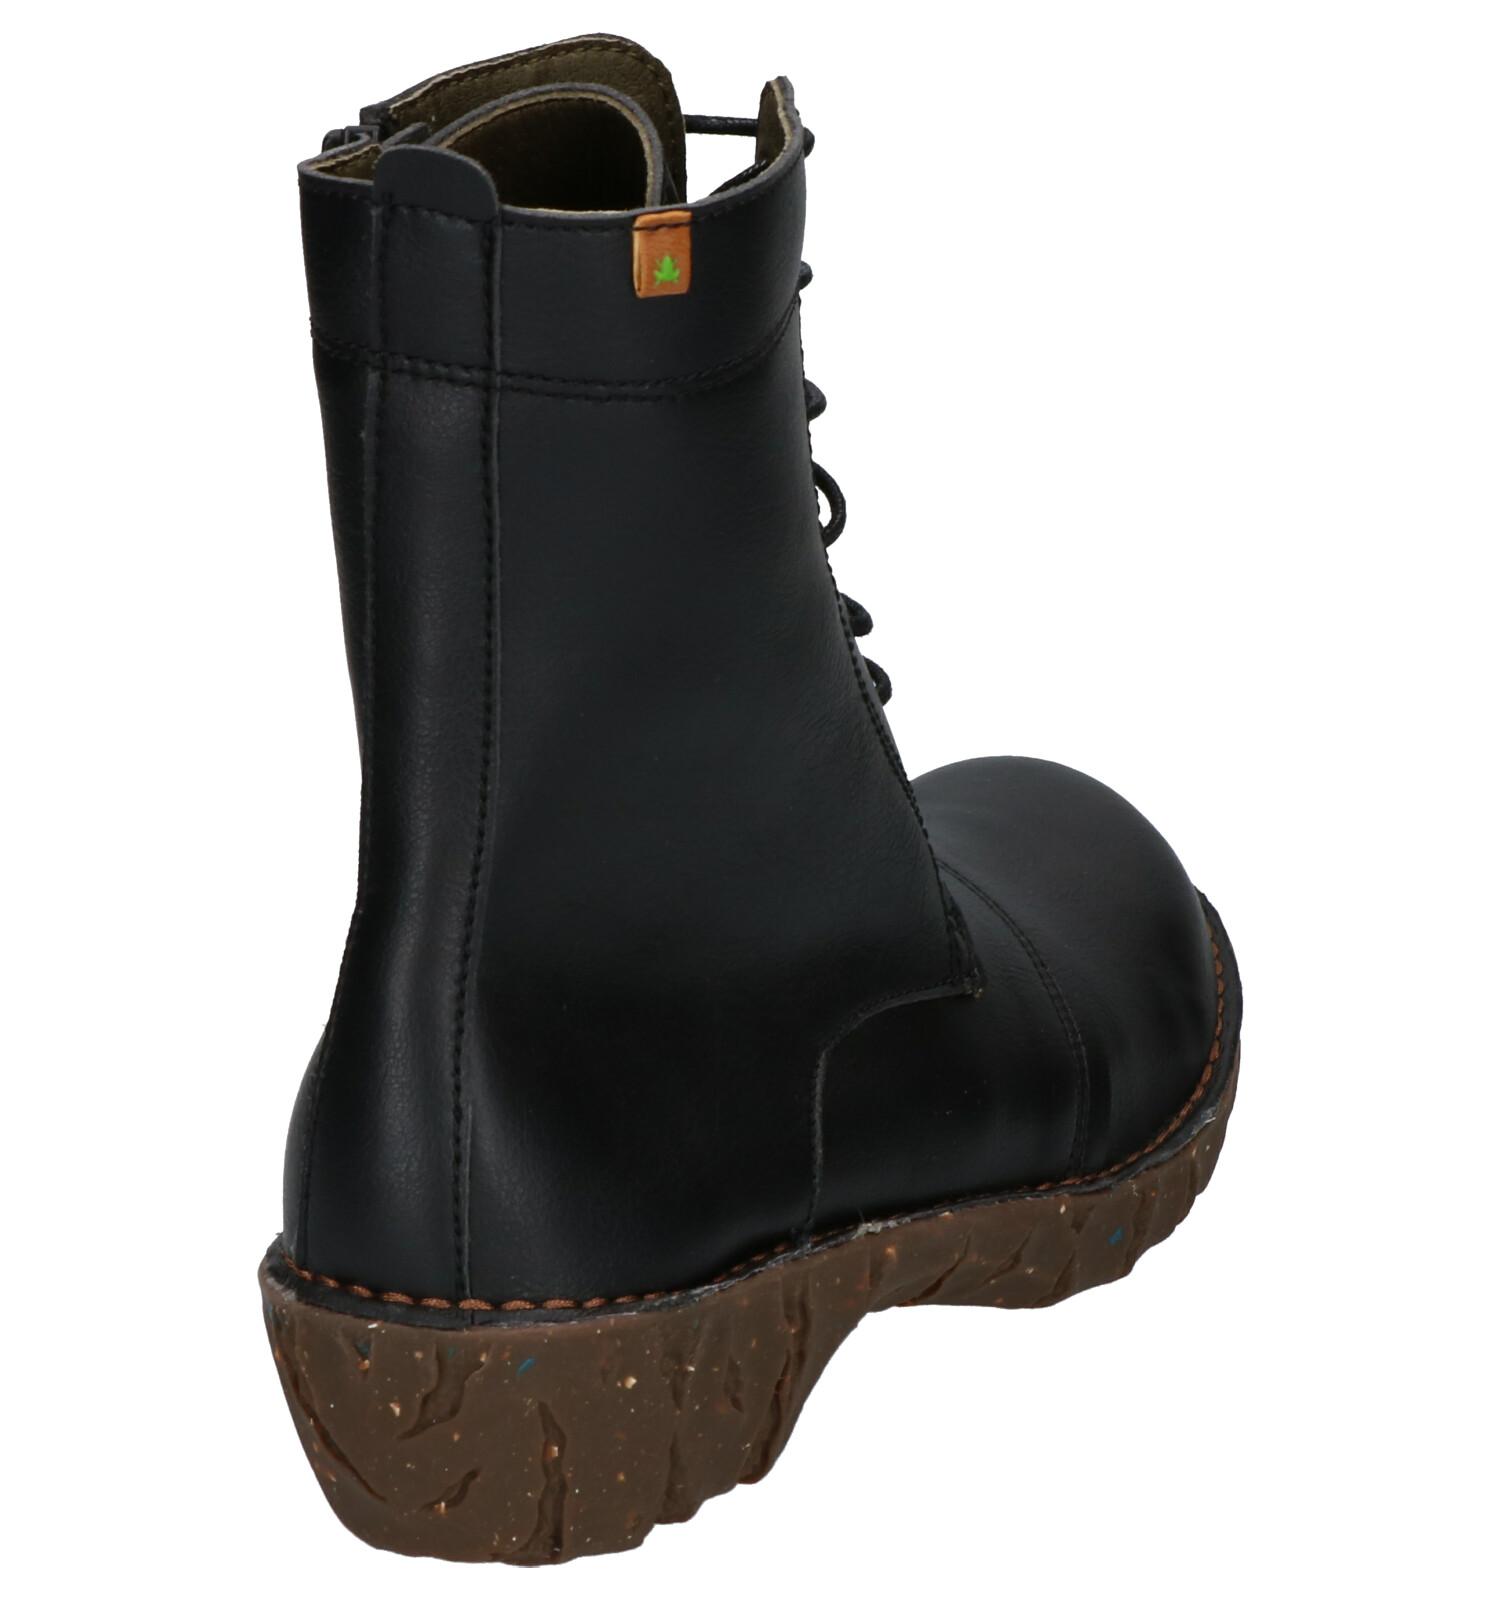 Boots El El Zwarte Boots Boots Naturalista Zwarte El Naturalista Zwarte El Naturalista ulF3TK5c1J